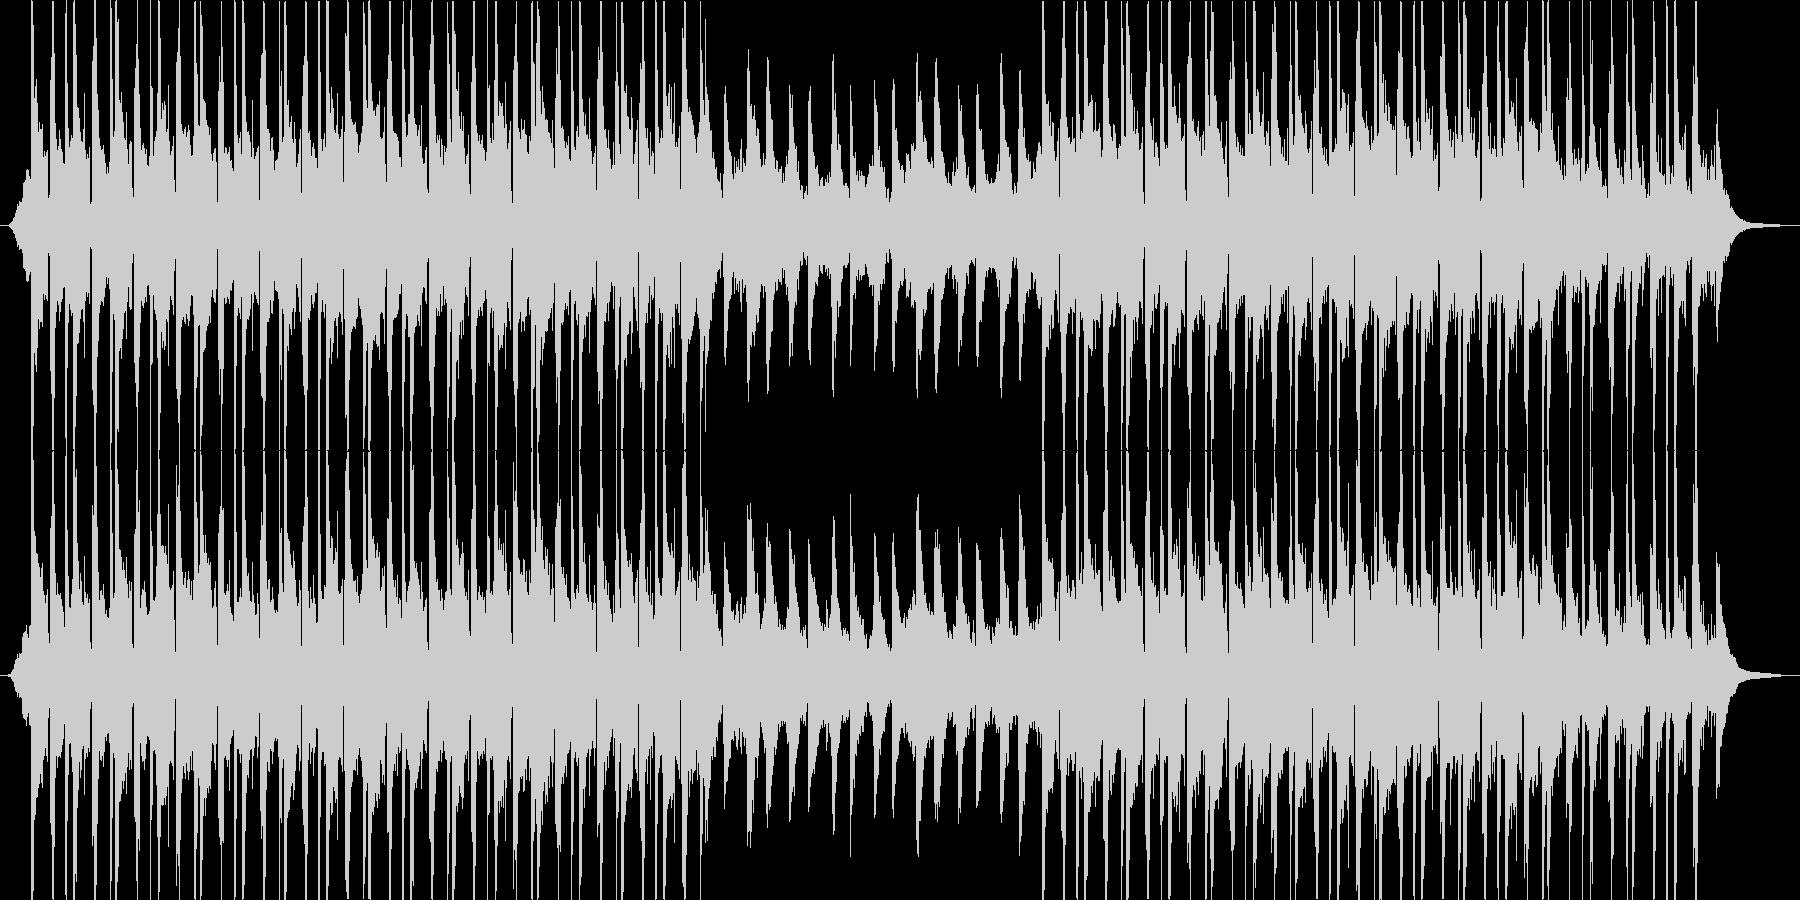 メロディアスなビートとドゥドゥクの未再生の波形